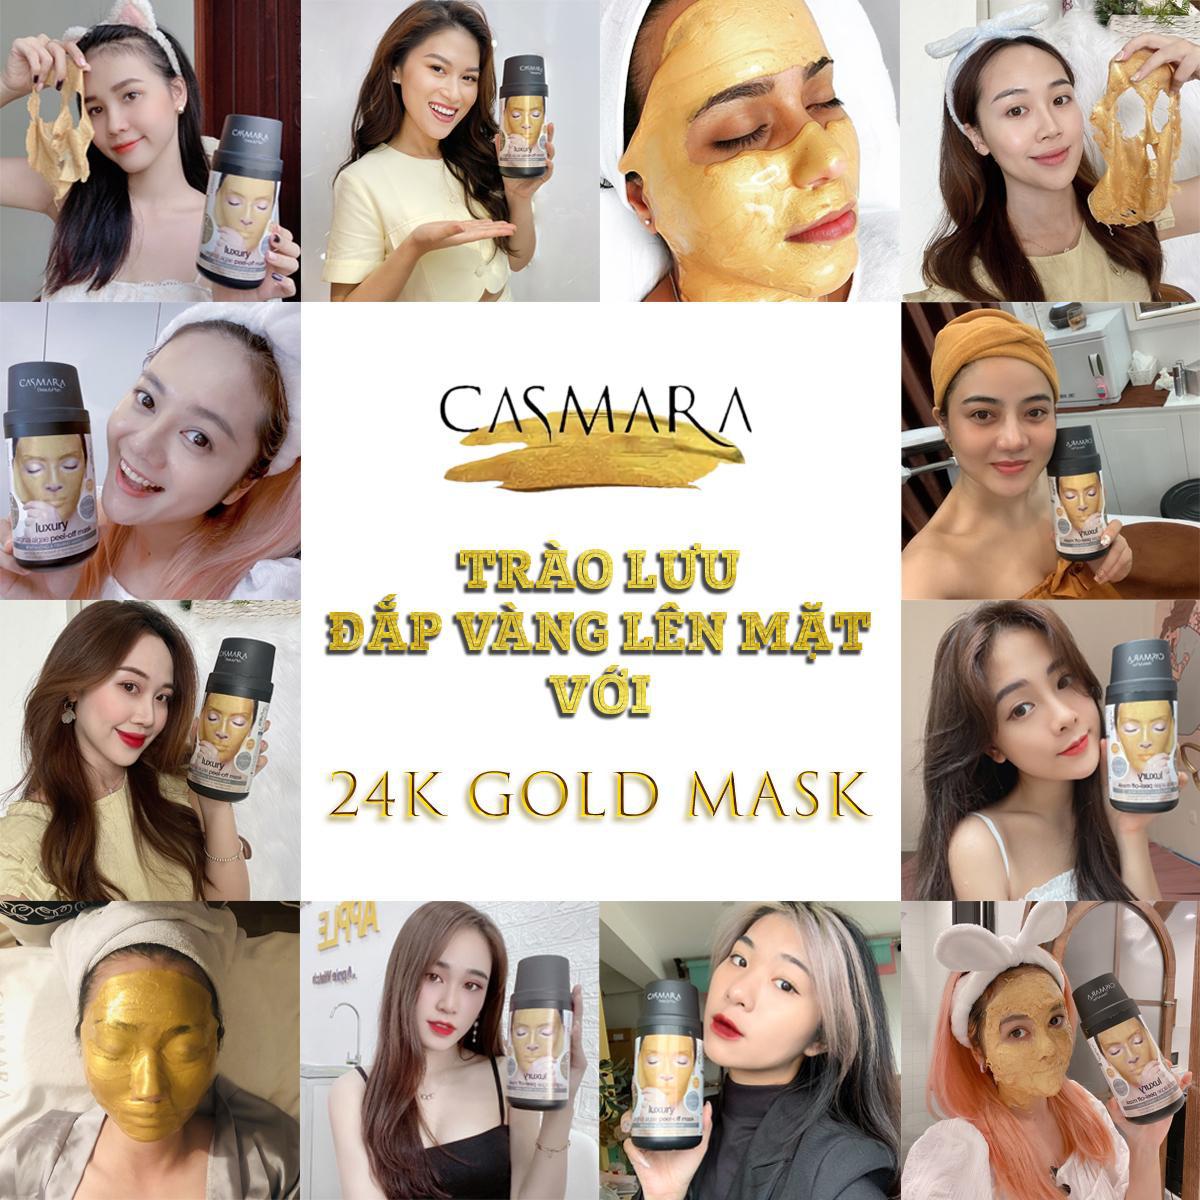 Trào lưu đắp vàng lên mặt và sự thật về mặt nạ Casmara 24K Gold Mask - Ảnh 4.